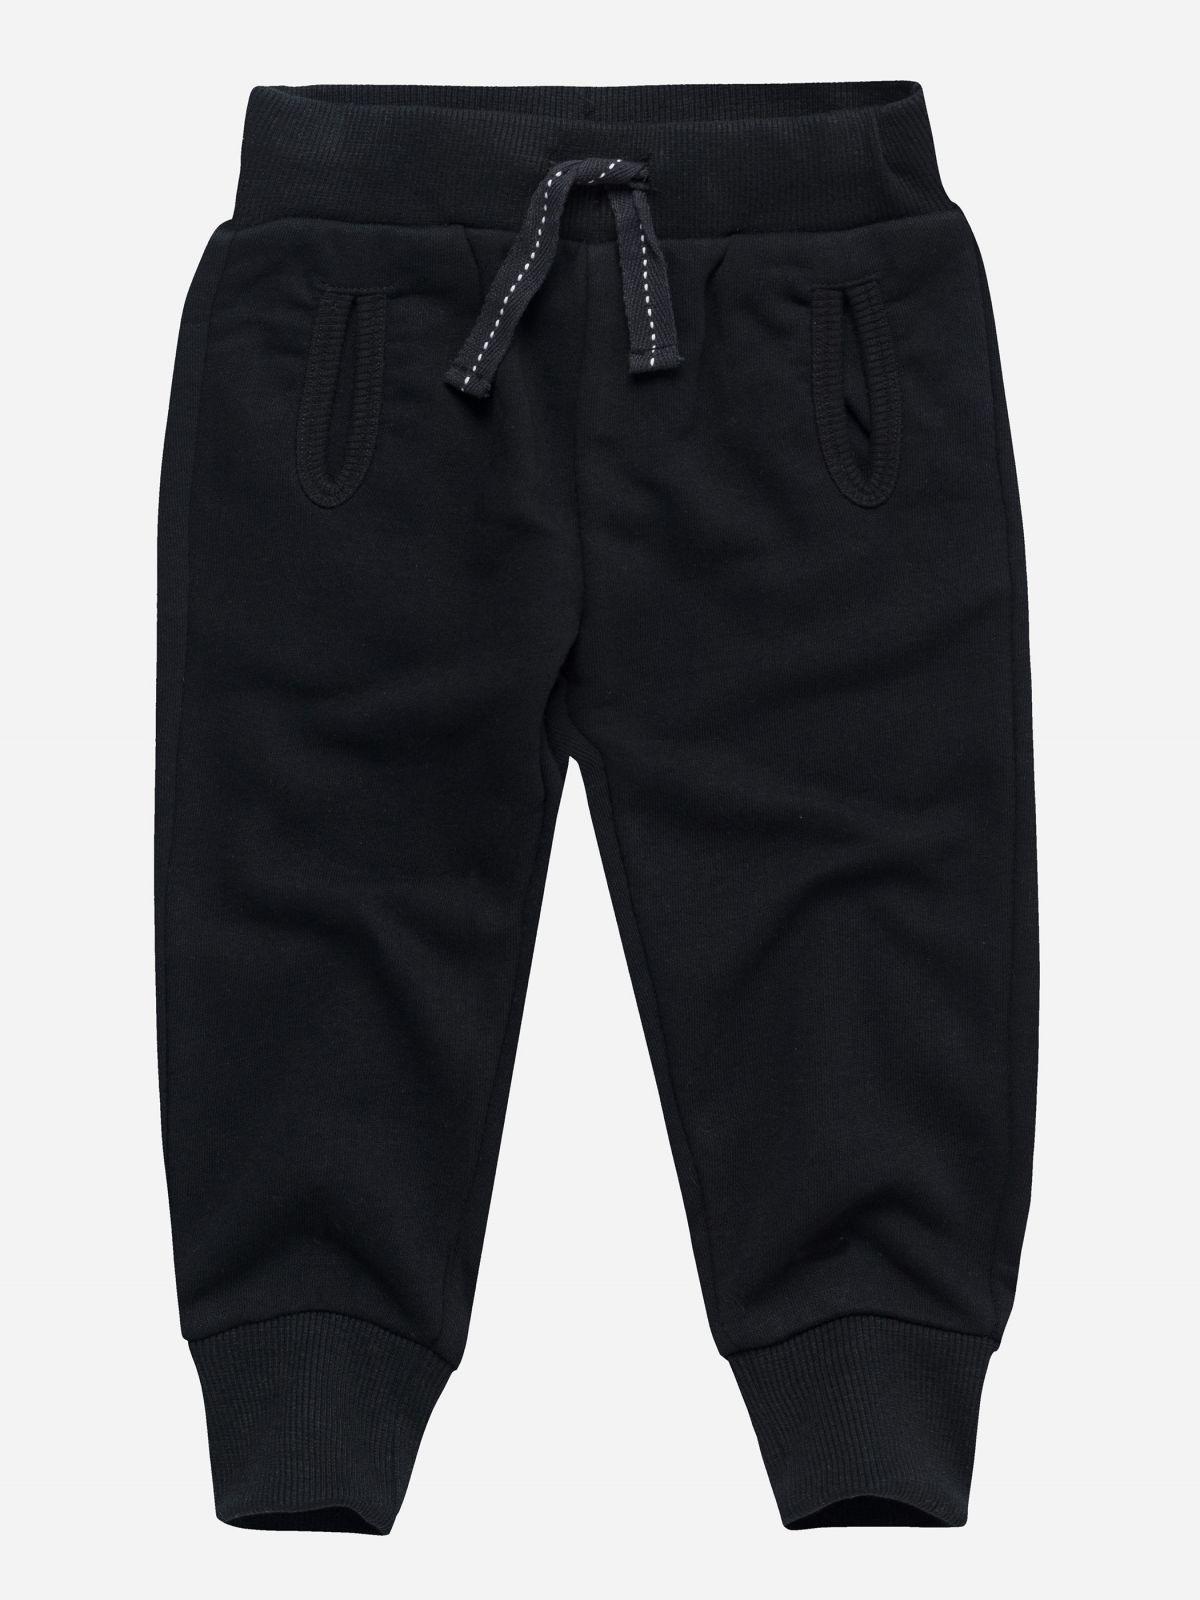 מכנסי טרנינג עם כיסים / 6M-3Yמכנסי טרנינג עם כיסים / 6M-3Y של FOX